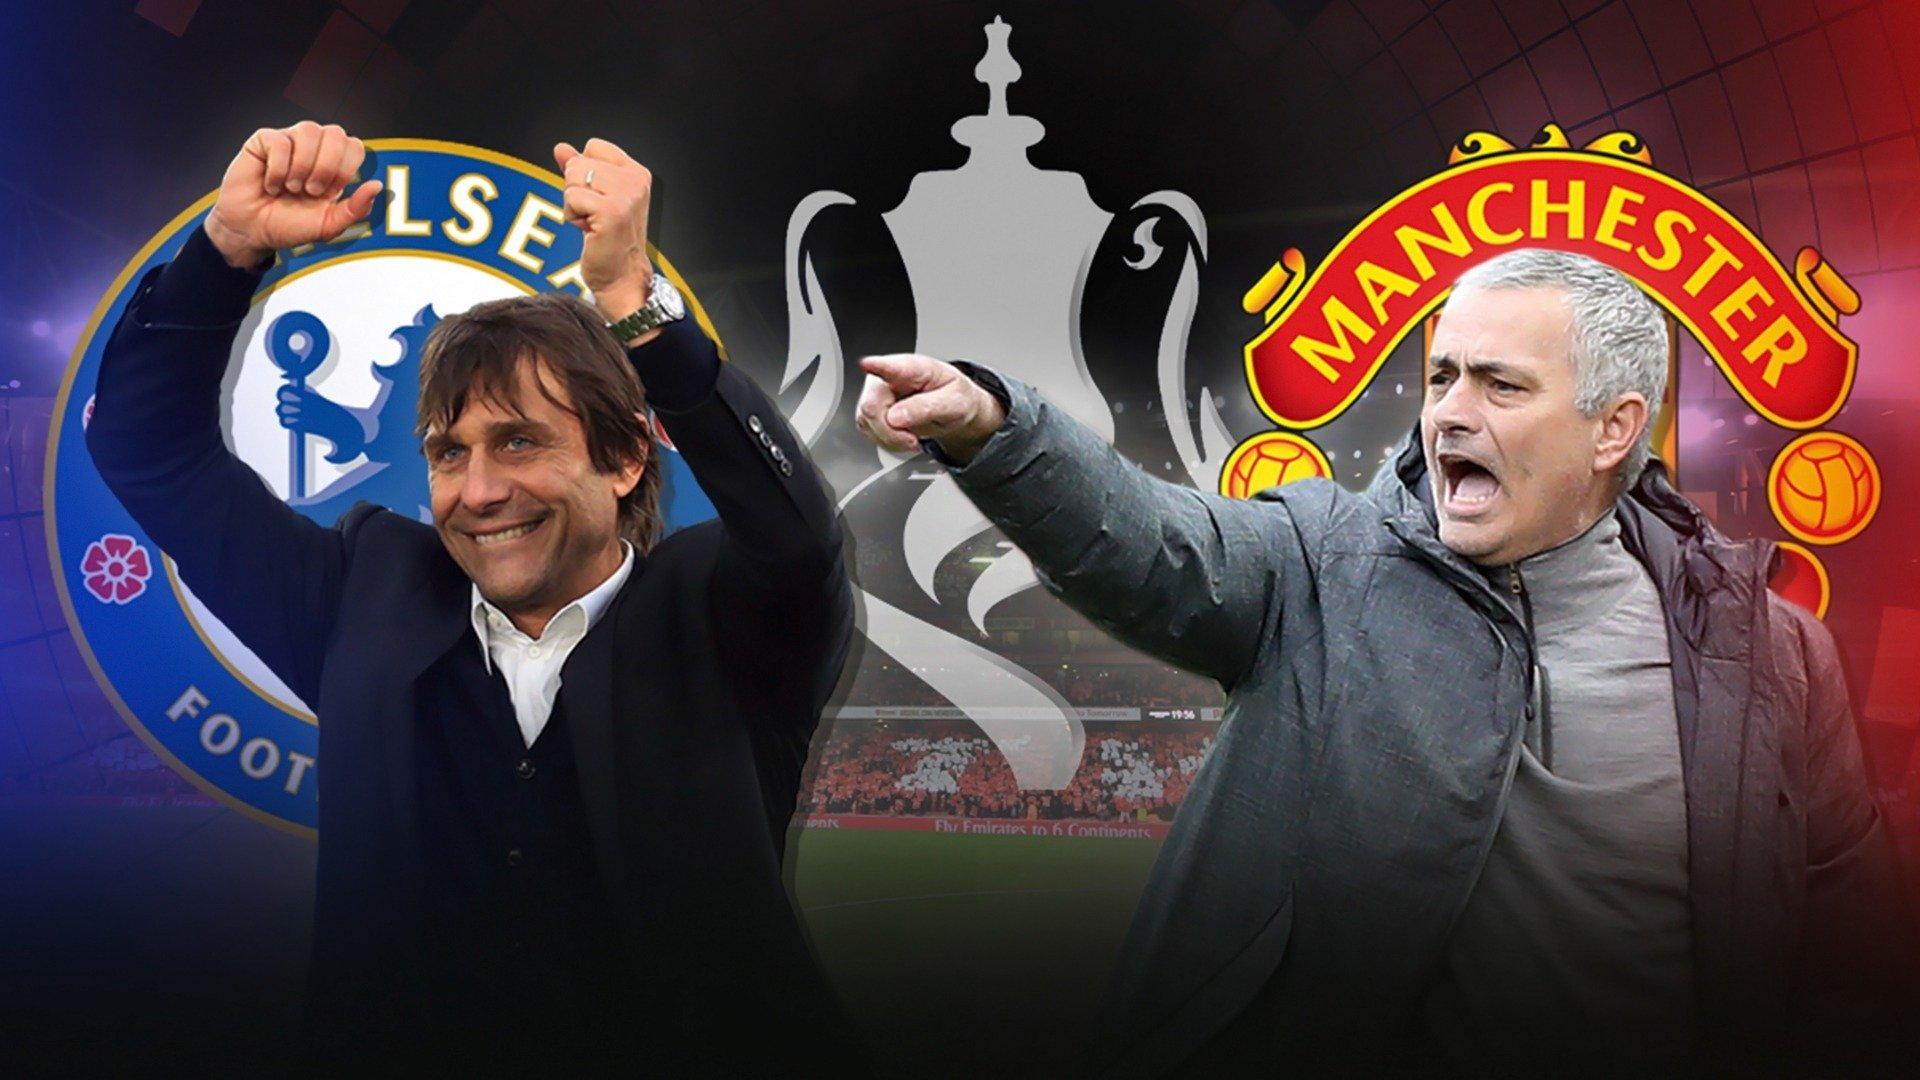 Манчестер Юнайтед — Челси. Прогноз на матч Английской Премьер-Лиги